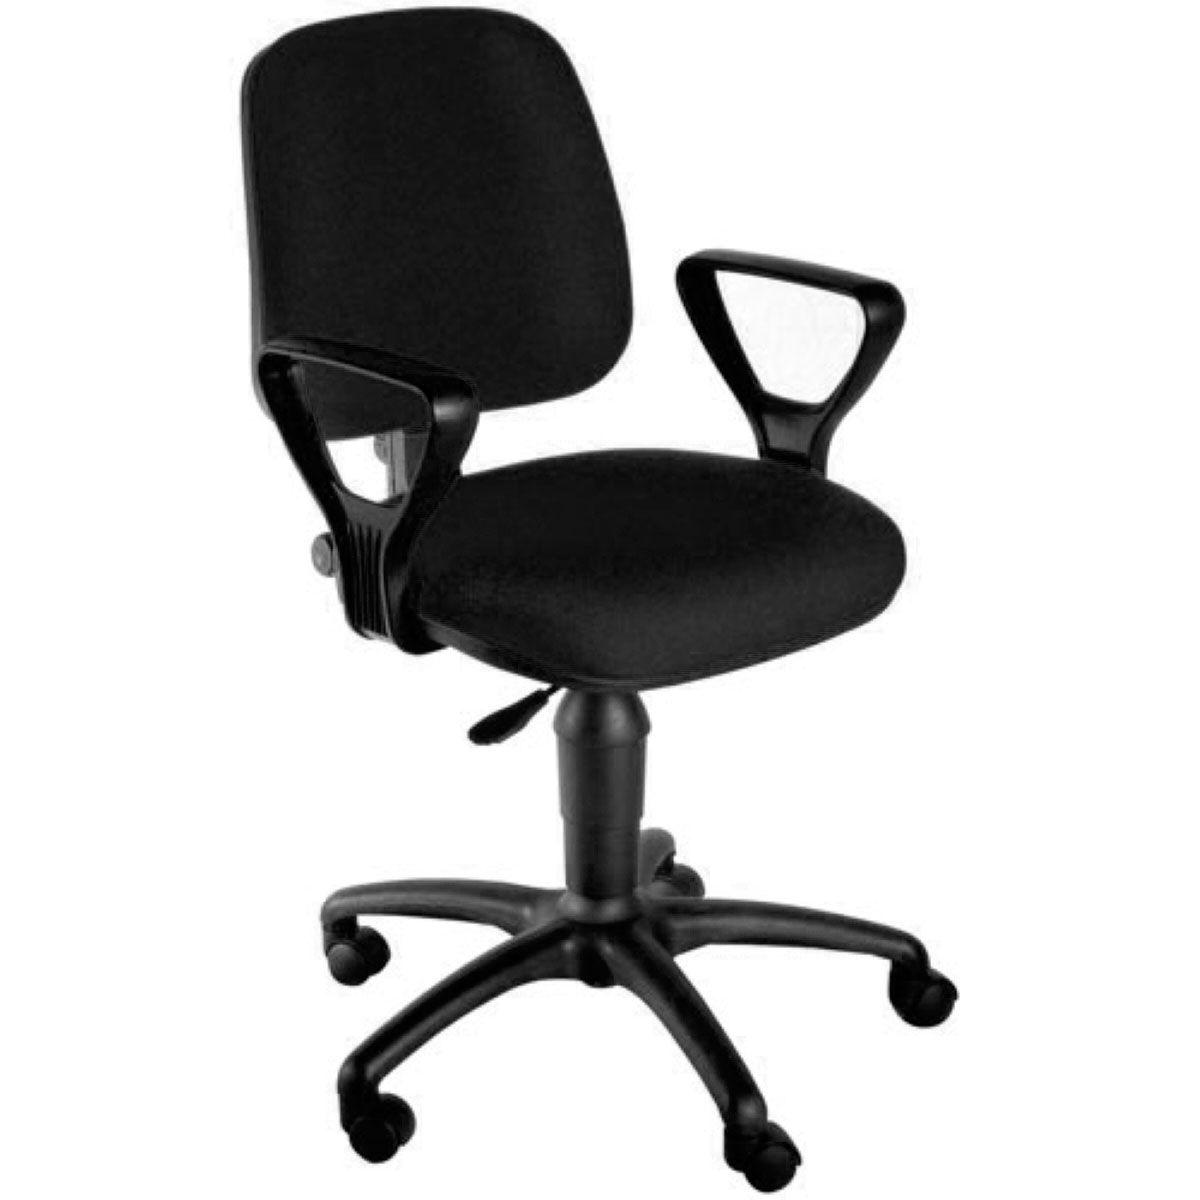 Cadeira de escritório MIRTA secretária giratória base de nylon preta assento em crepe